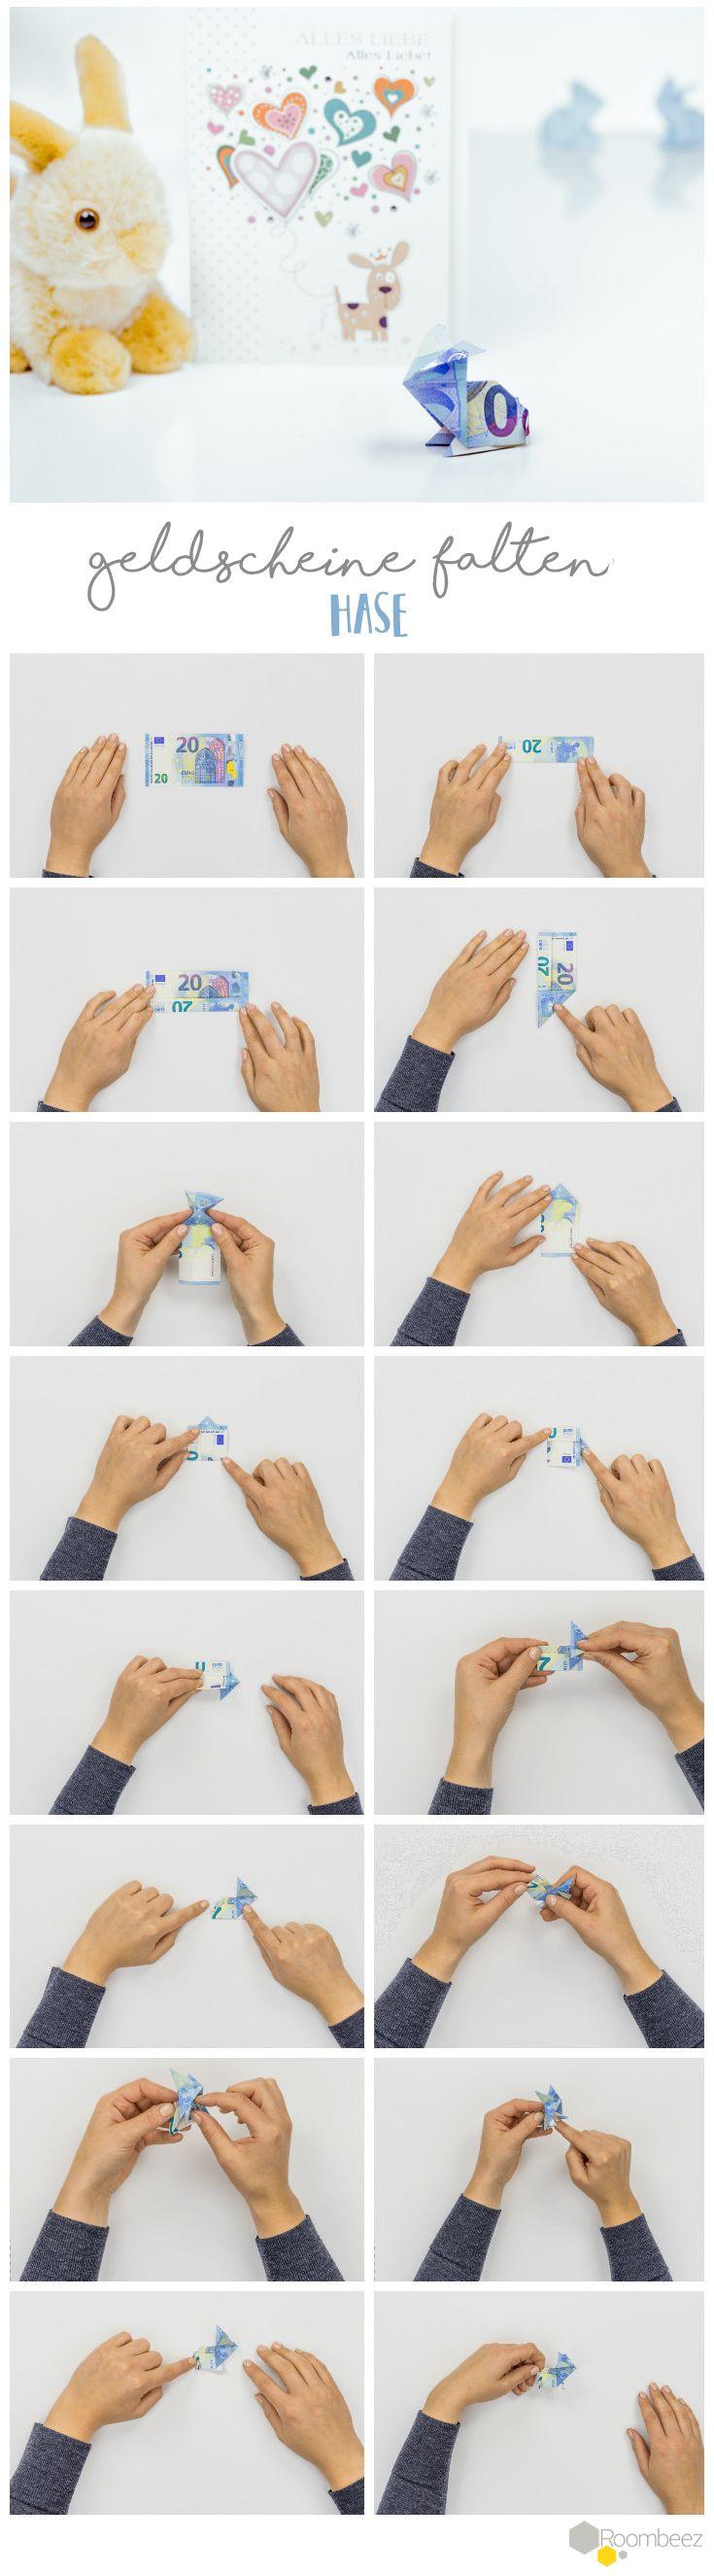 #Geldscheine #falten #Hase Schöne Geldgeschenke selber basteln ist ganz einfach - Auf ROOMBEEZ findet Ihr Schritt-für-Schritt Anleitungen und Videos ➯